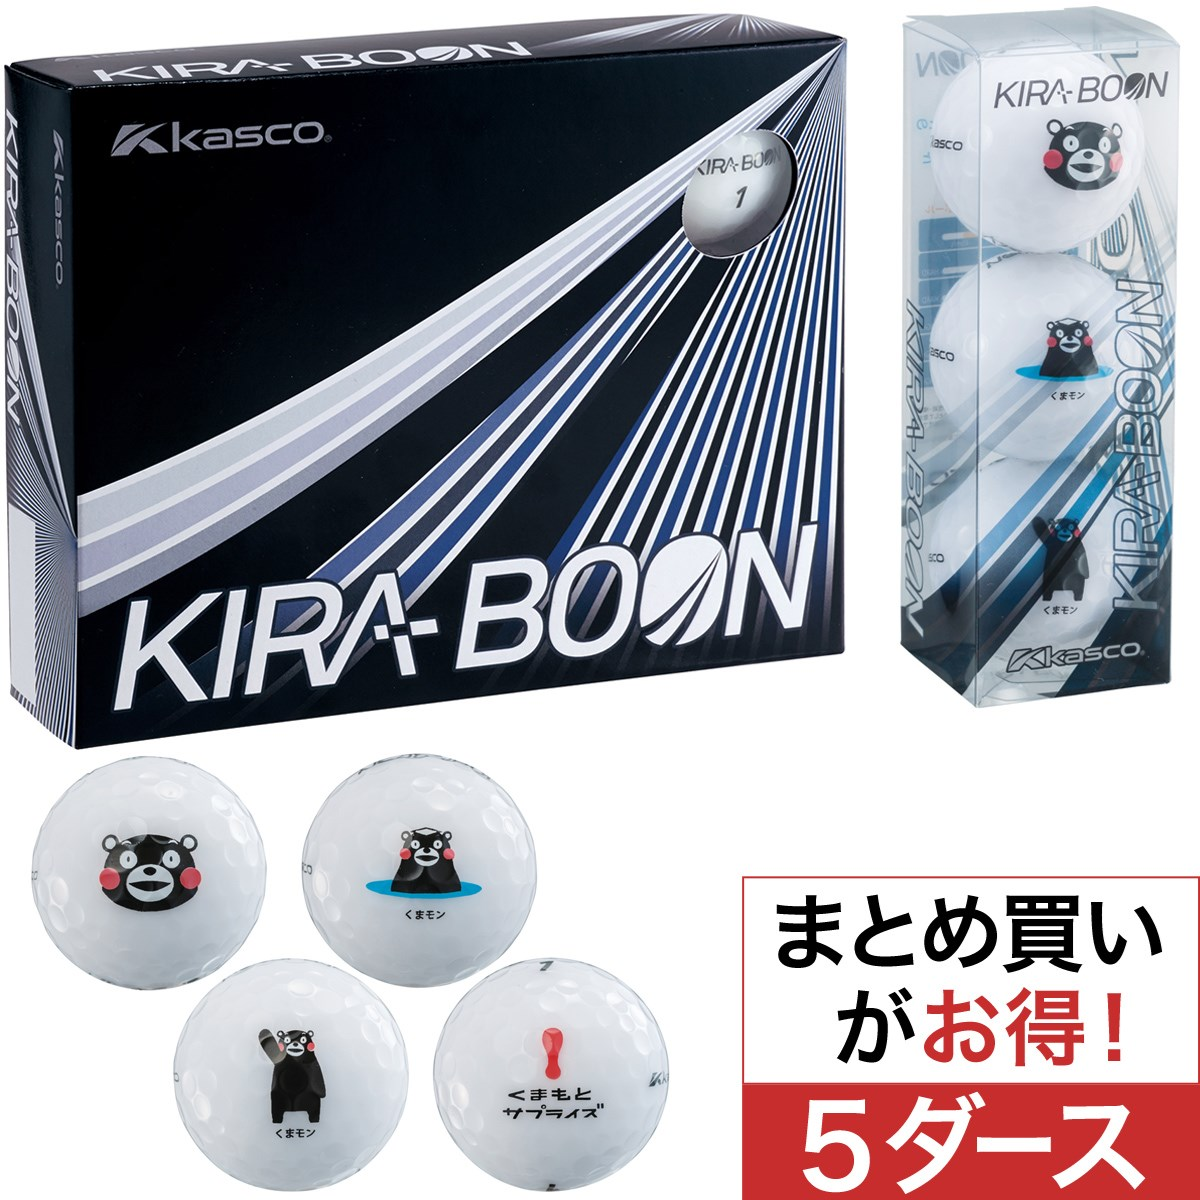 キャスコ(KASCO) KIRA BOON くまモン ボール 5ダースセット